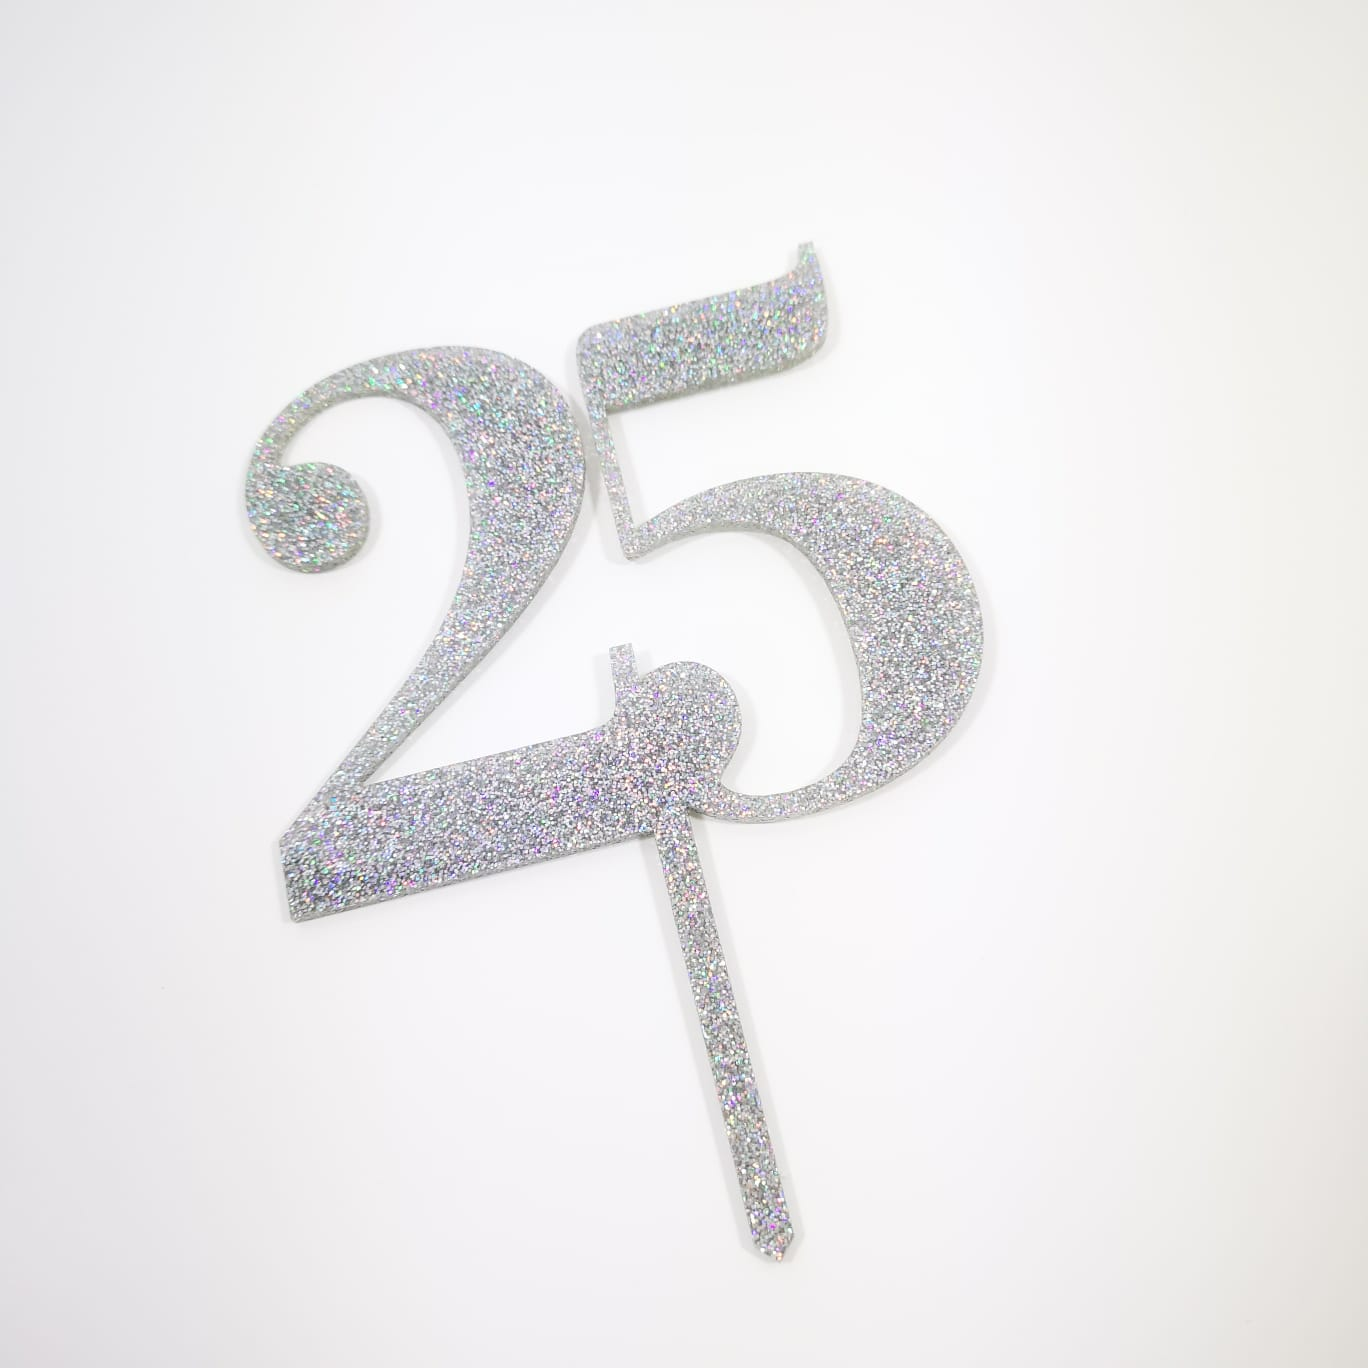 Topo Bolo 25 Prateado Glitter